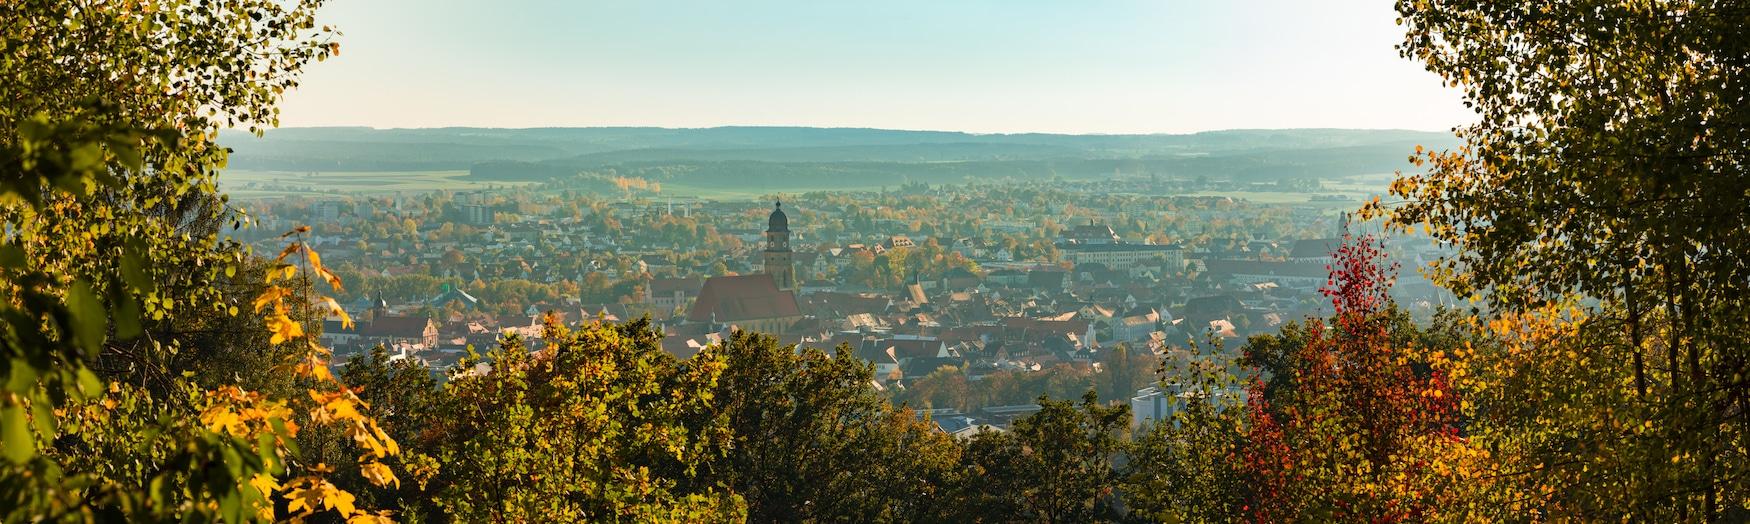 Panoramagezicht van Amberg in Oost-Beieren